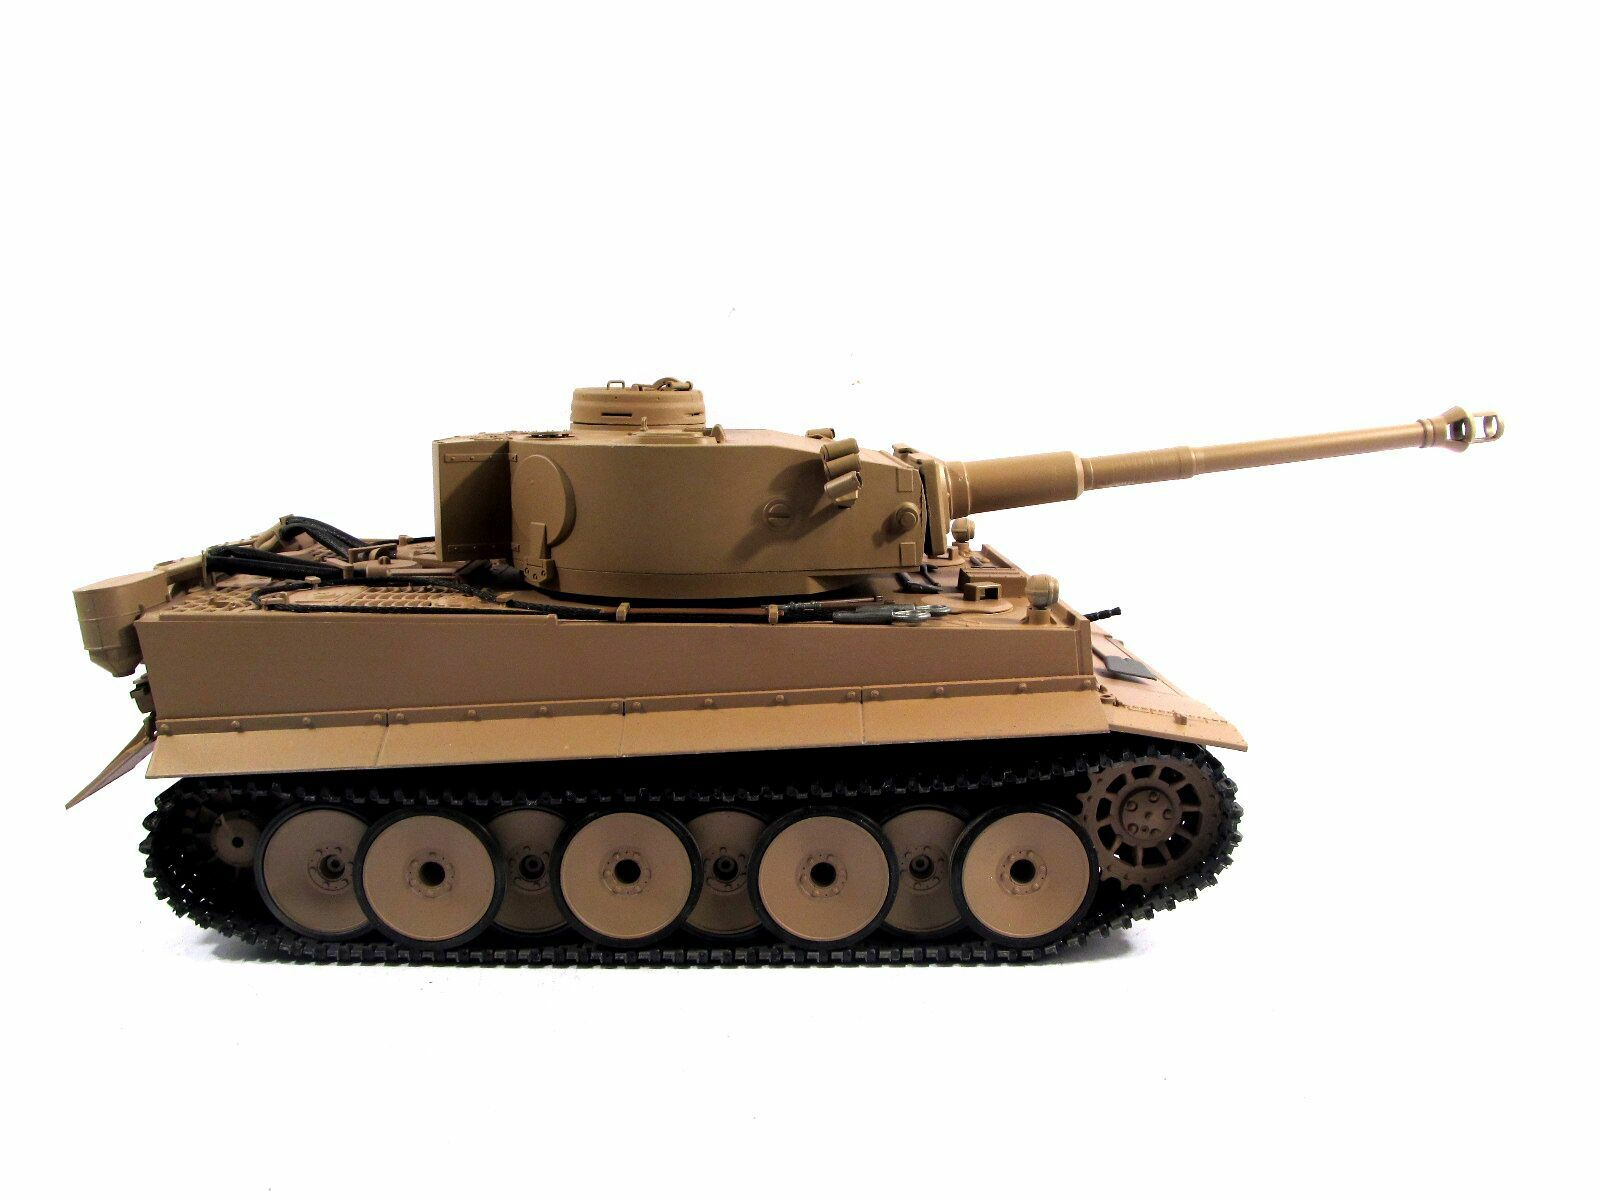 Mato 1 16 tutti Metal Geruomo Tiger I  RC Tank RTR Infrarosso gituttio Coloree modello 1220  nuovo stile